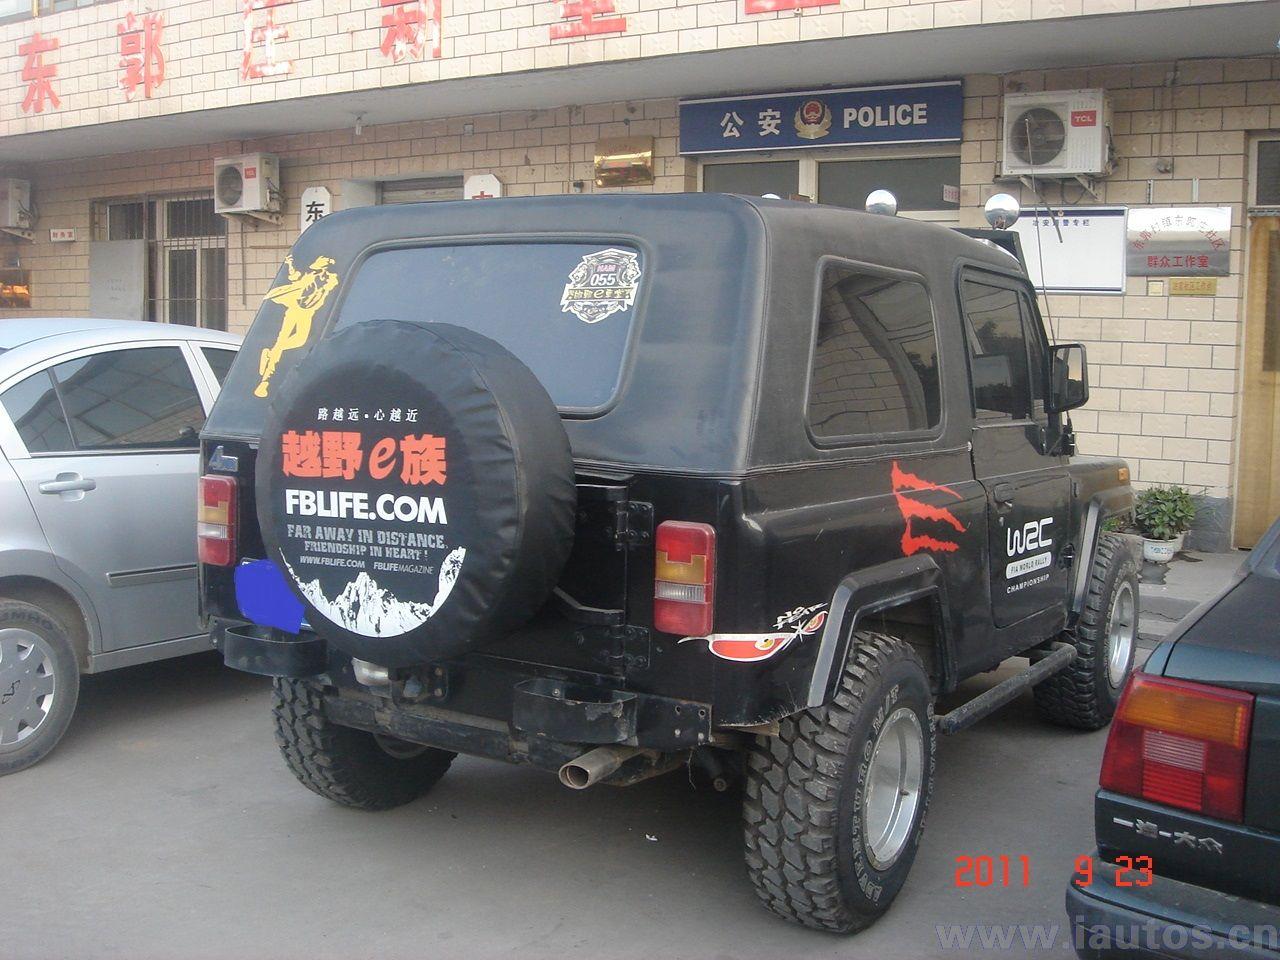 邢台全国 2010年 战旗2023-2.2-mt四驱(国Ⅲ)图片